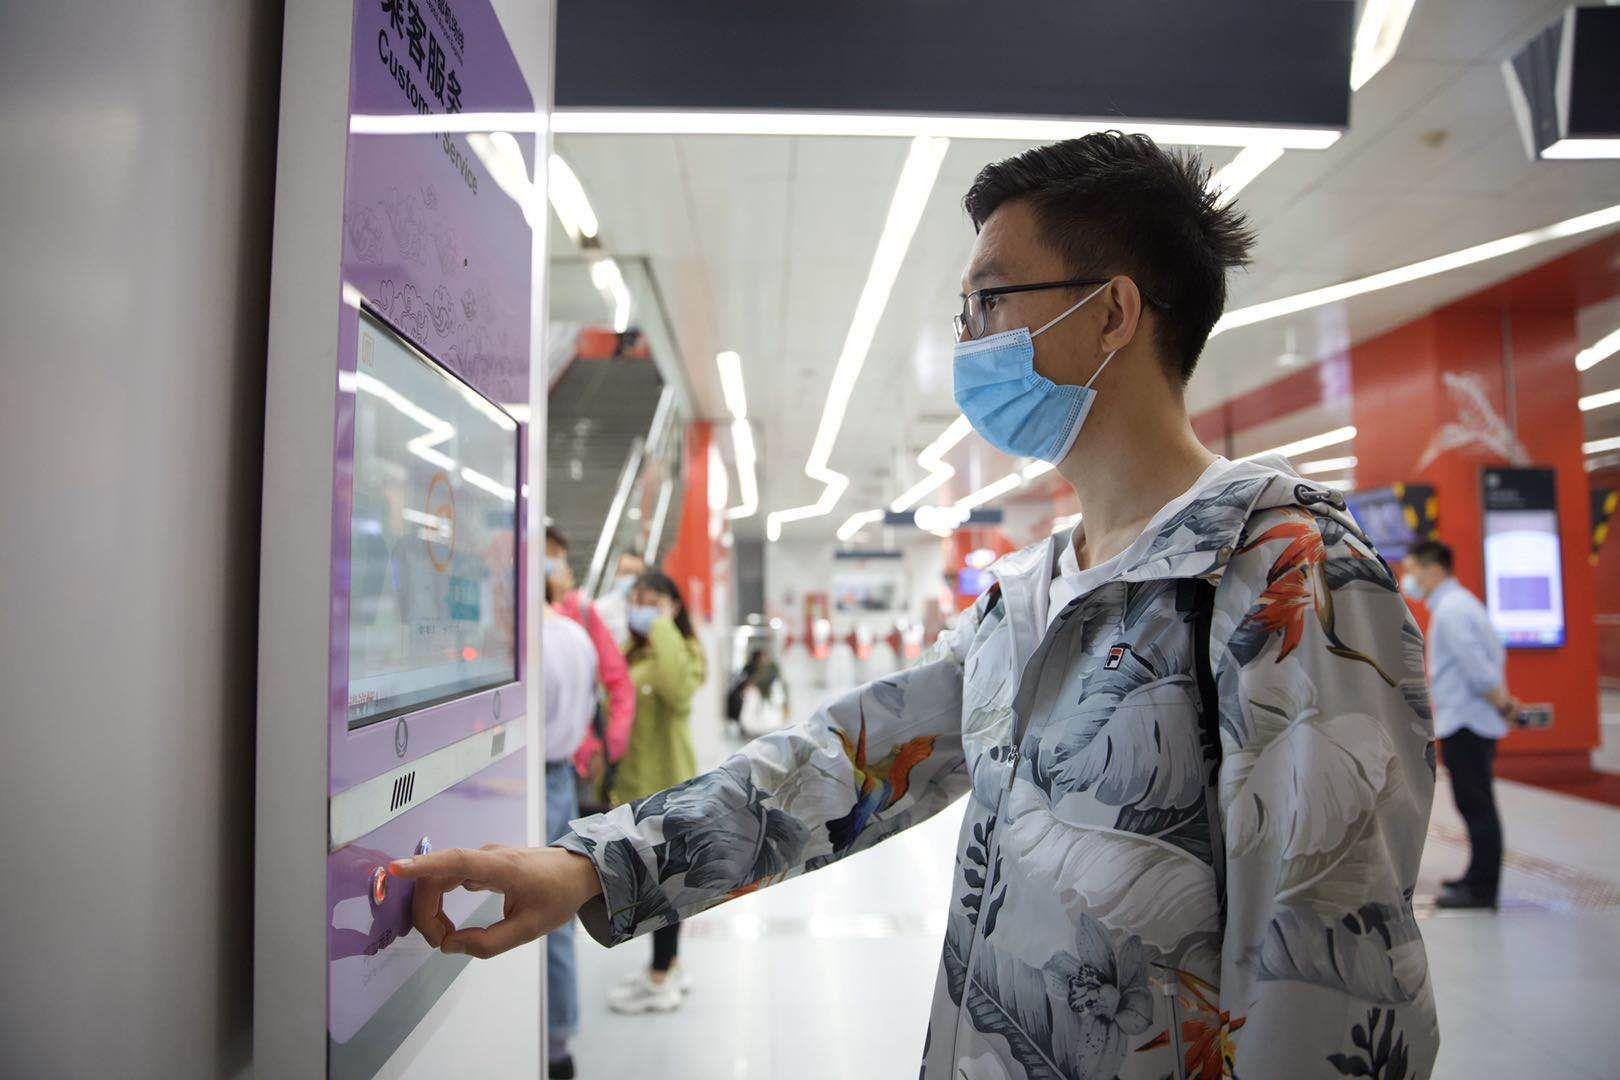 北京地铁机场线上线乘客求助系统 十秒左右就能联系上工作人员图片